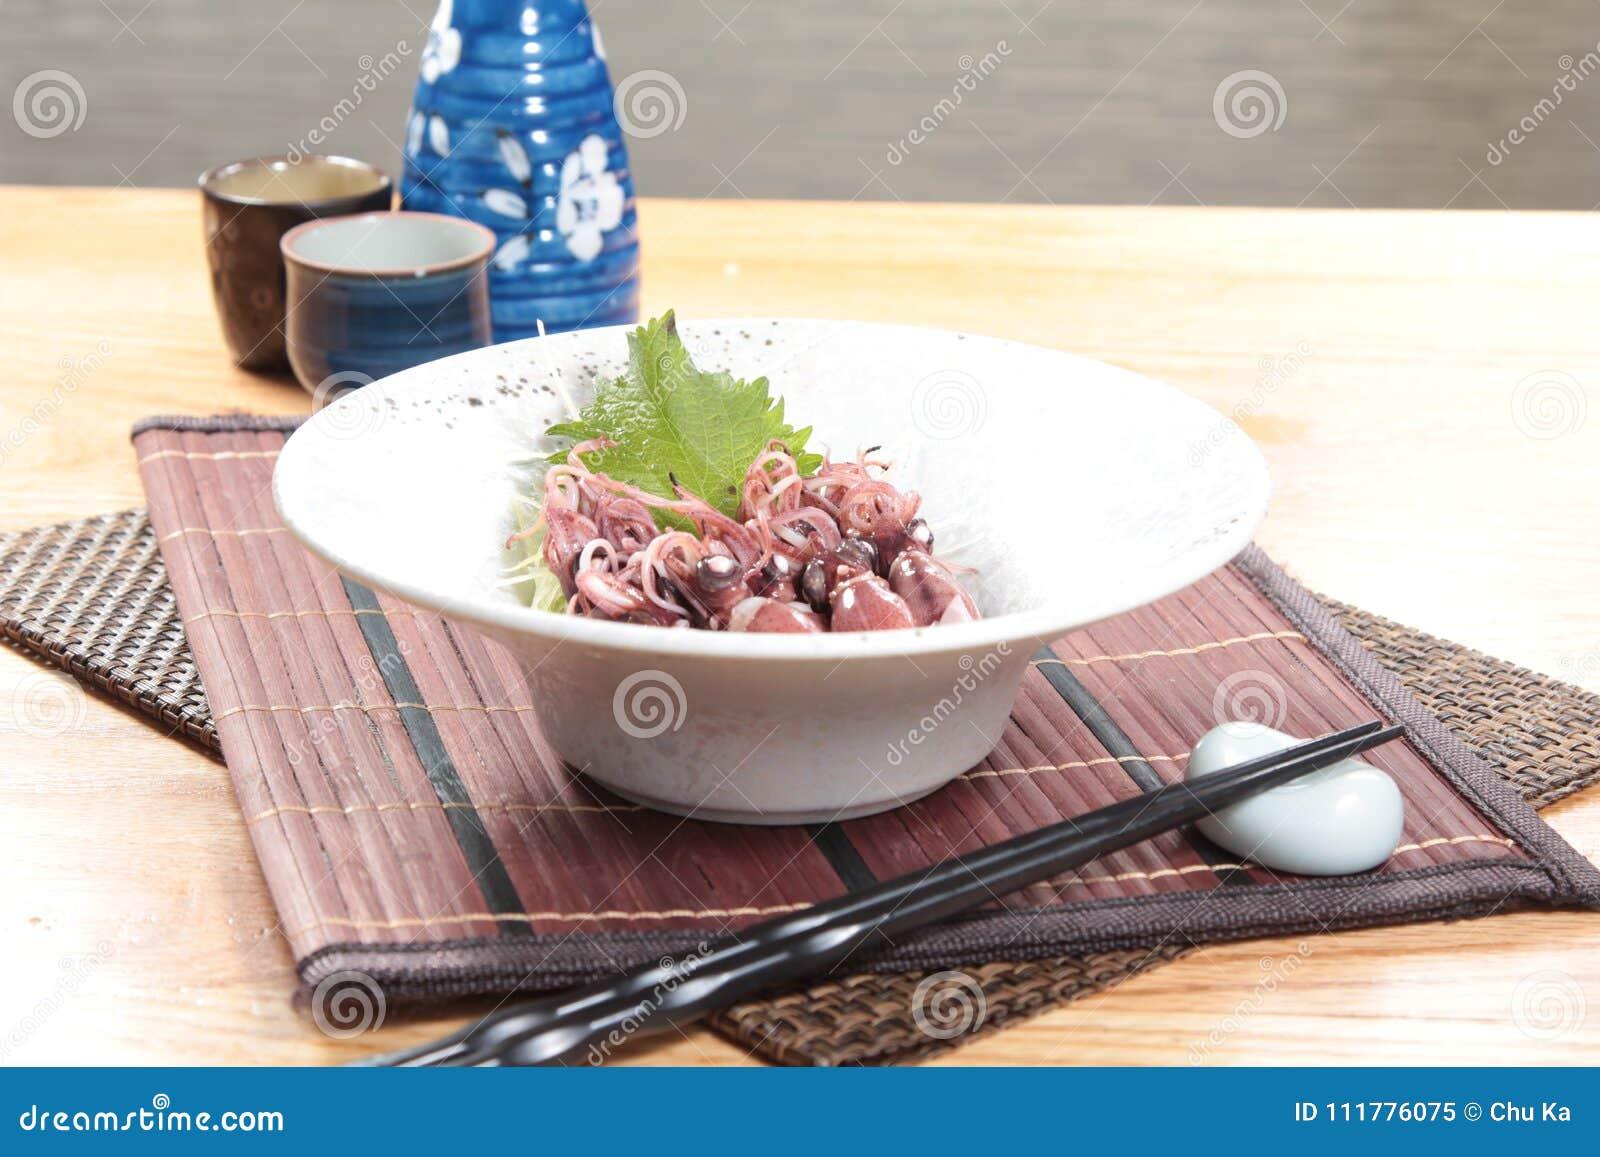 Świeża i smakowita owoce morza kuchnia